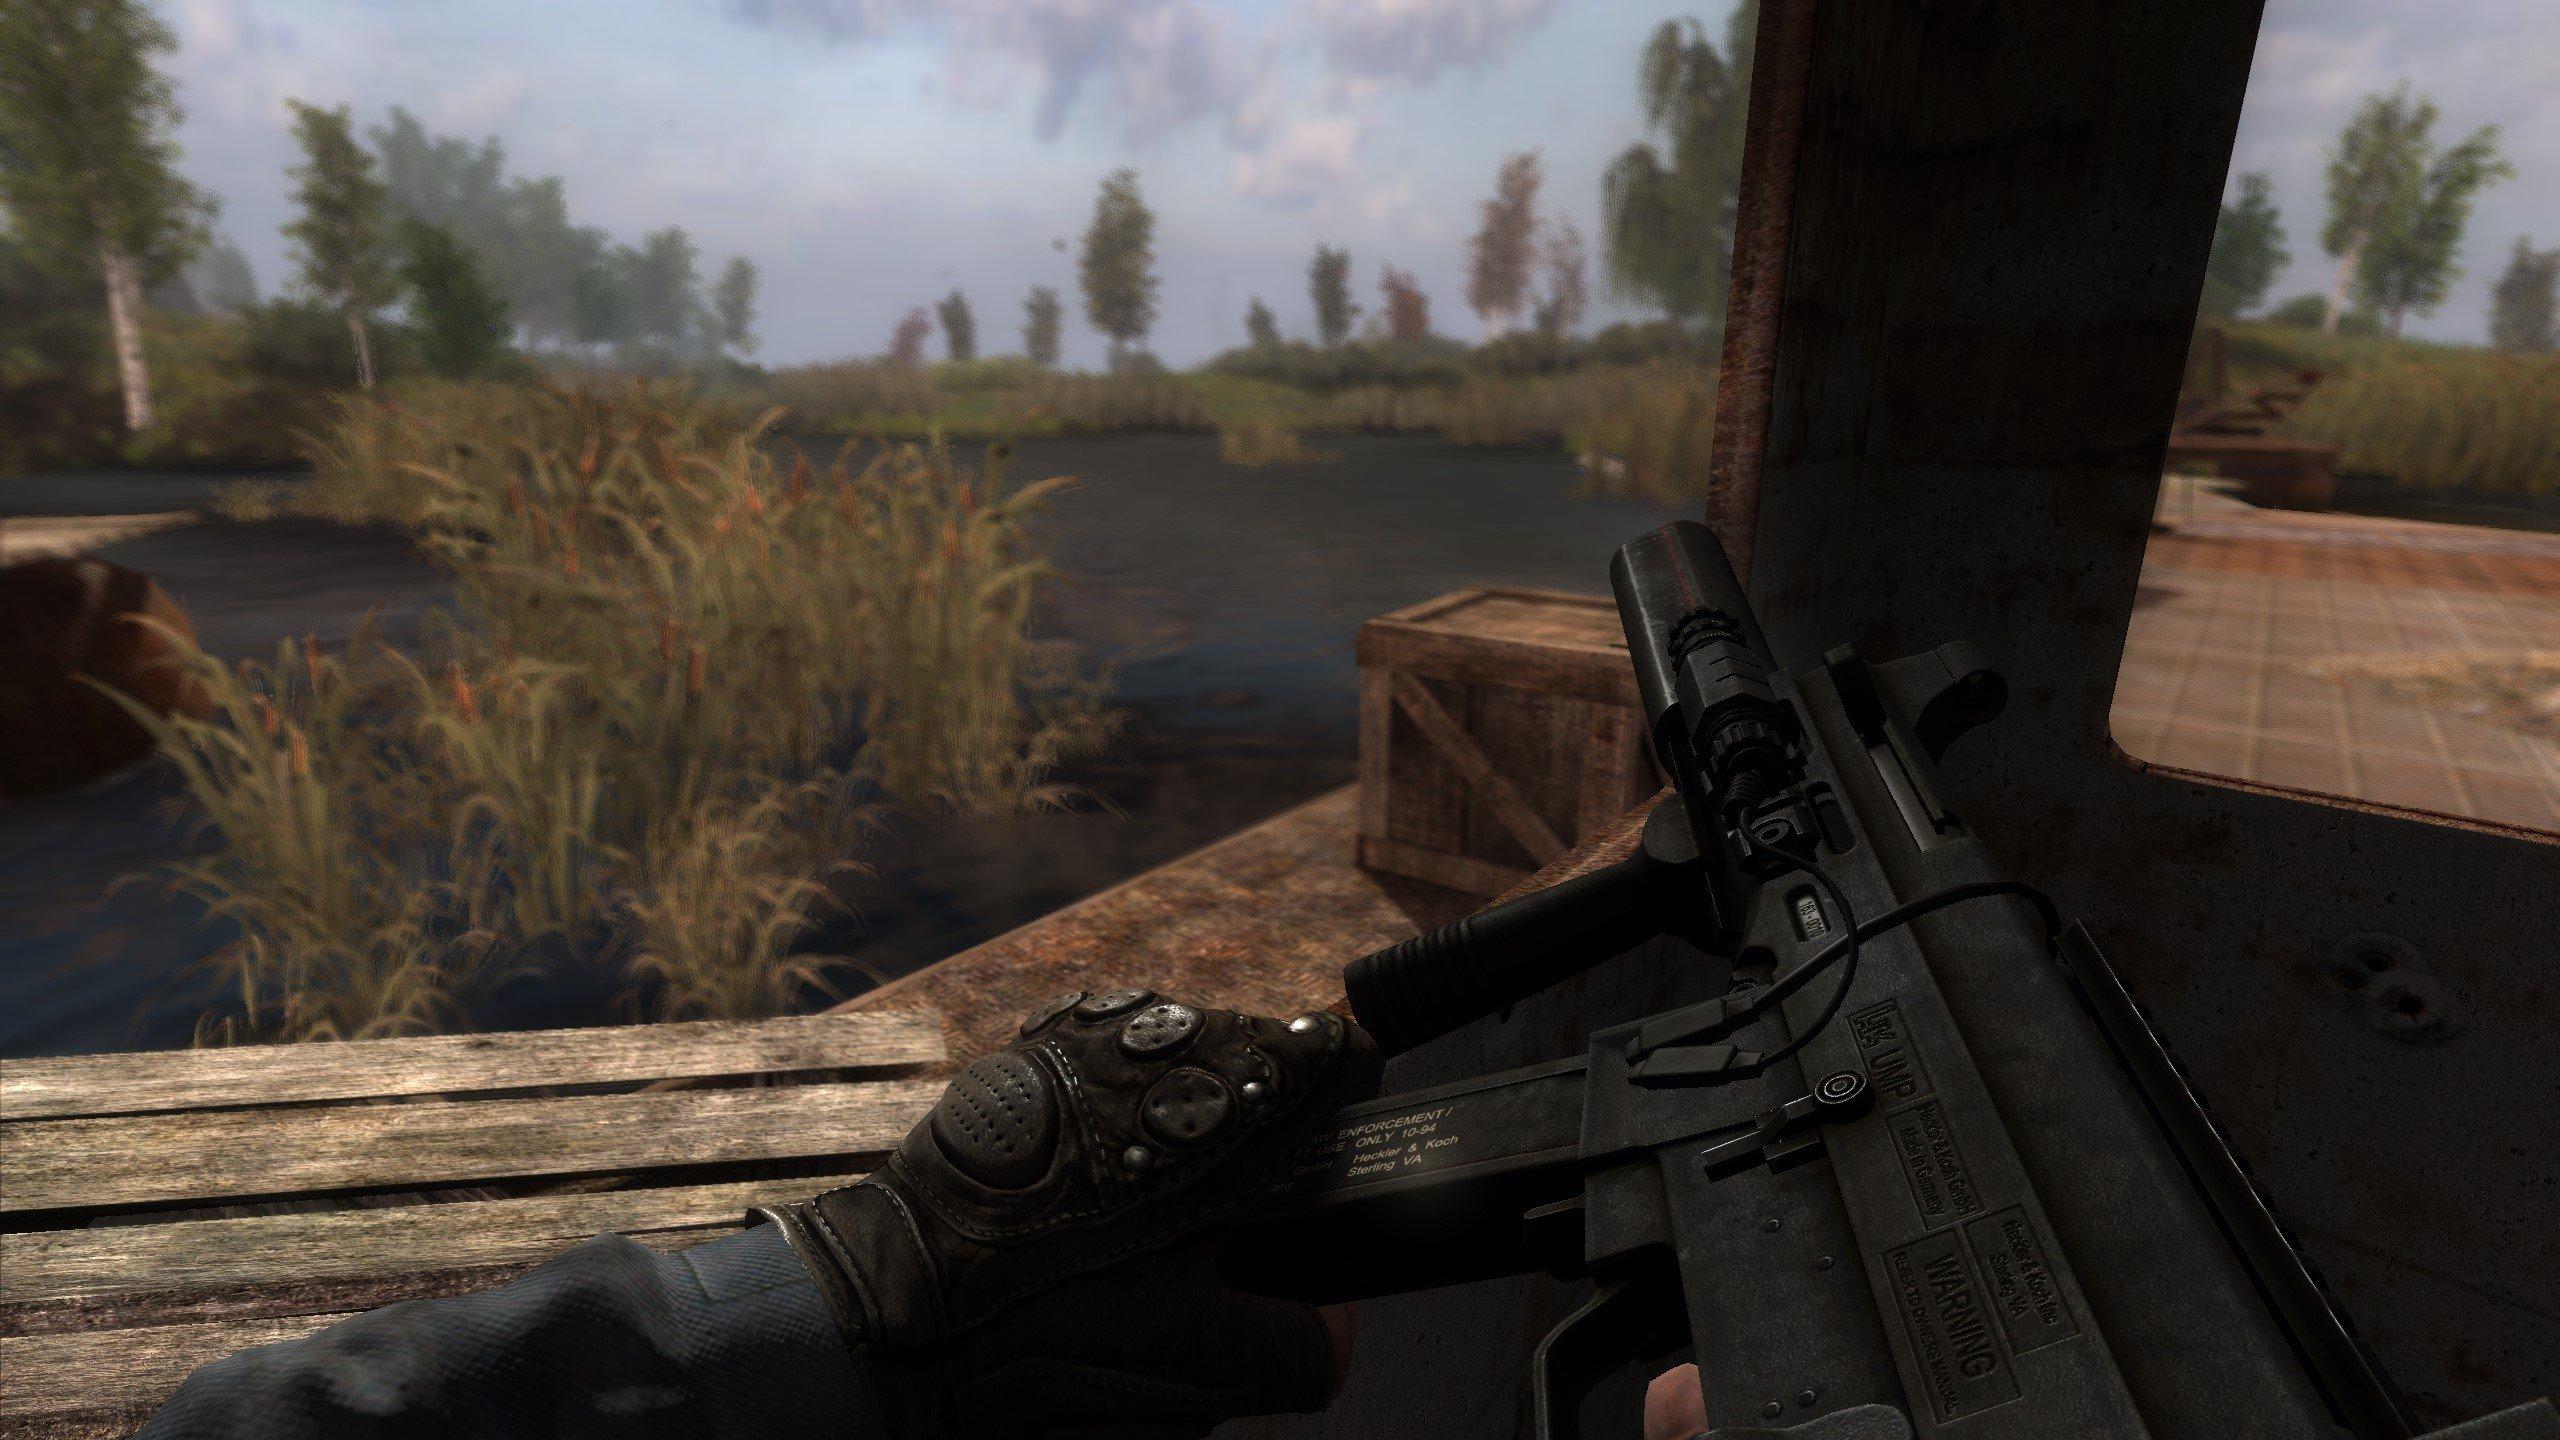 «GUNSLINGER mod» - вышел патч, исправляющий ошибки